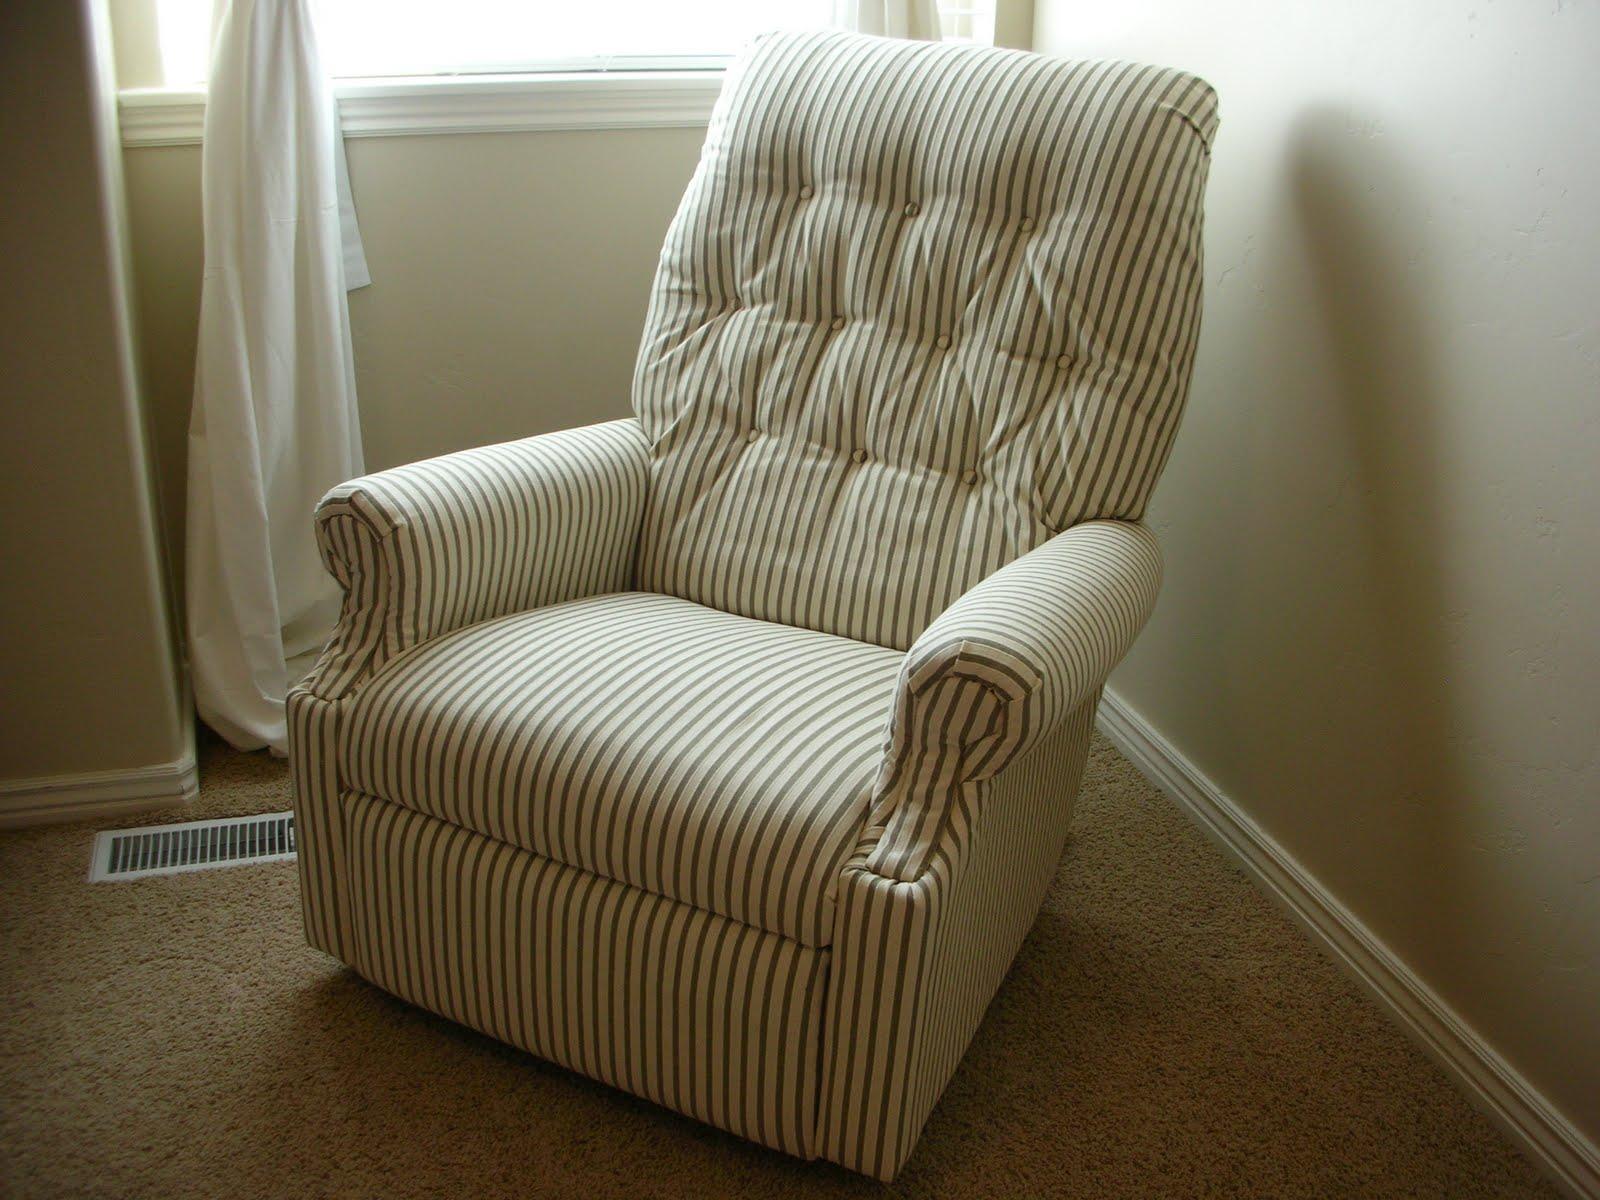 Diy Reupholster Living Room Chair Black Furniture Sets Do It Yourself Divas An Old La Z Boy Recliner